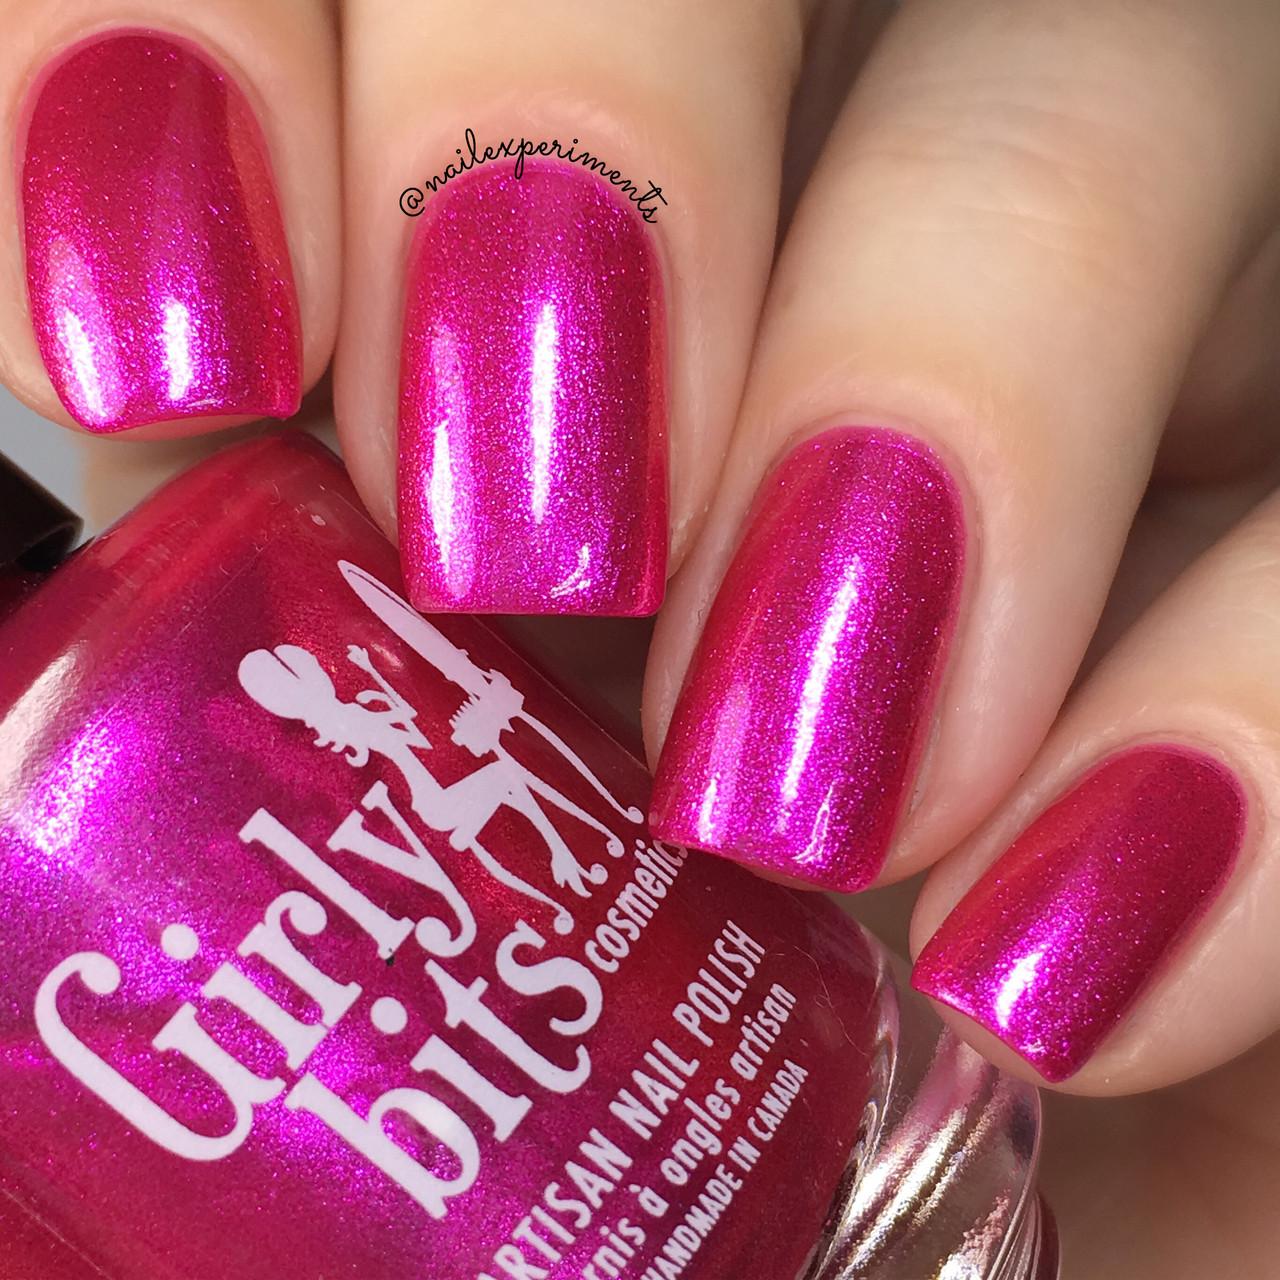 Slushie Lips & Tips (CoTM May 9)